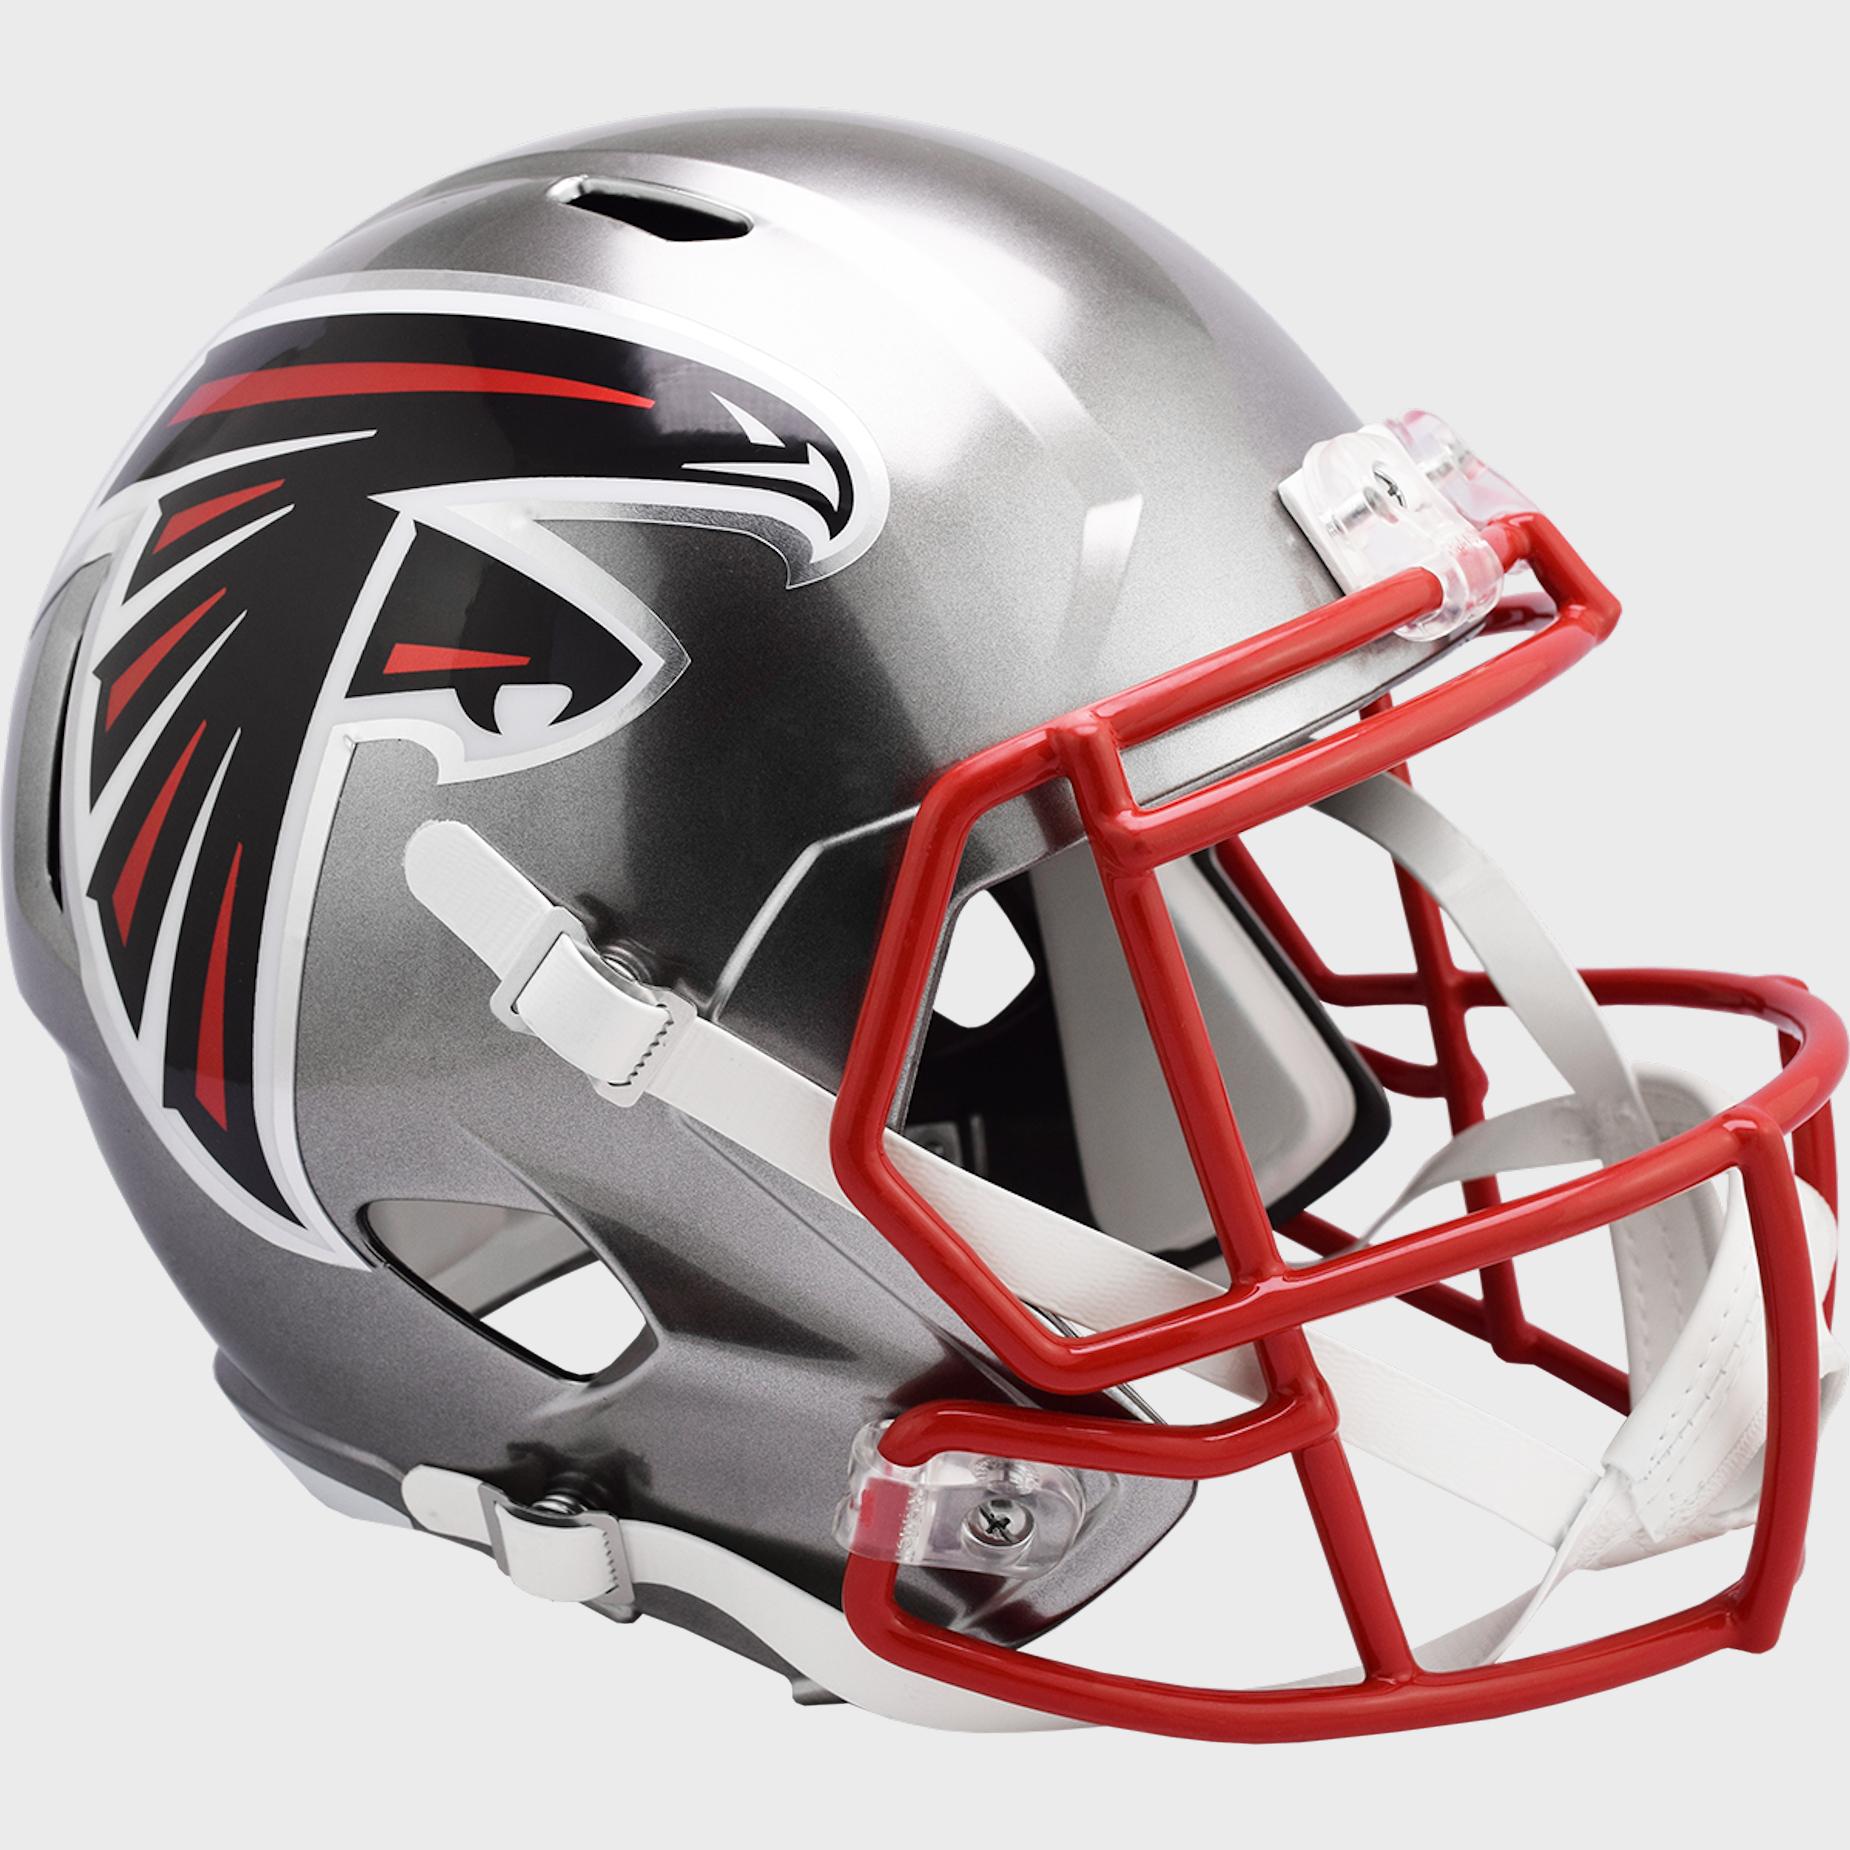 Atlanta Falcons Speed Replica Football Helmet <B>FLASH ESD 8/21/21</B>